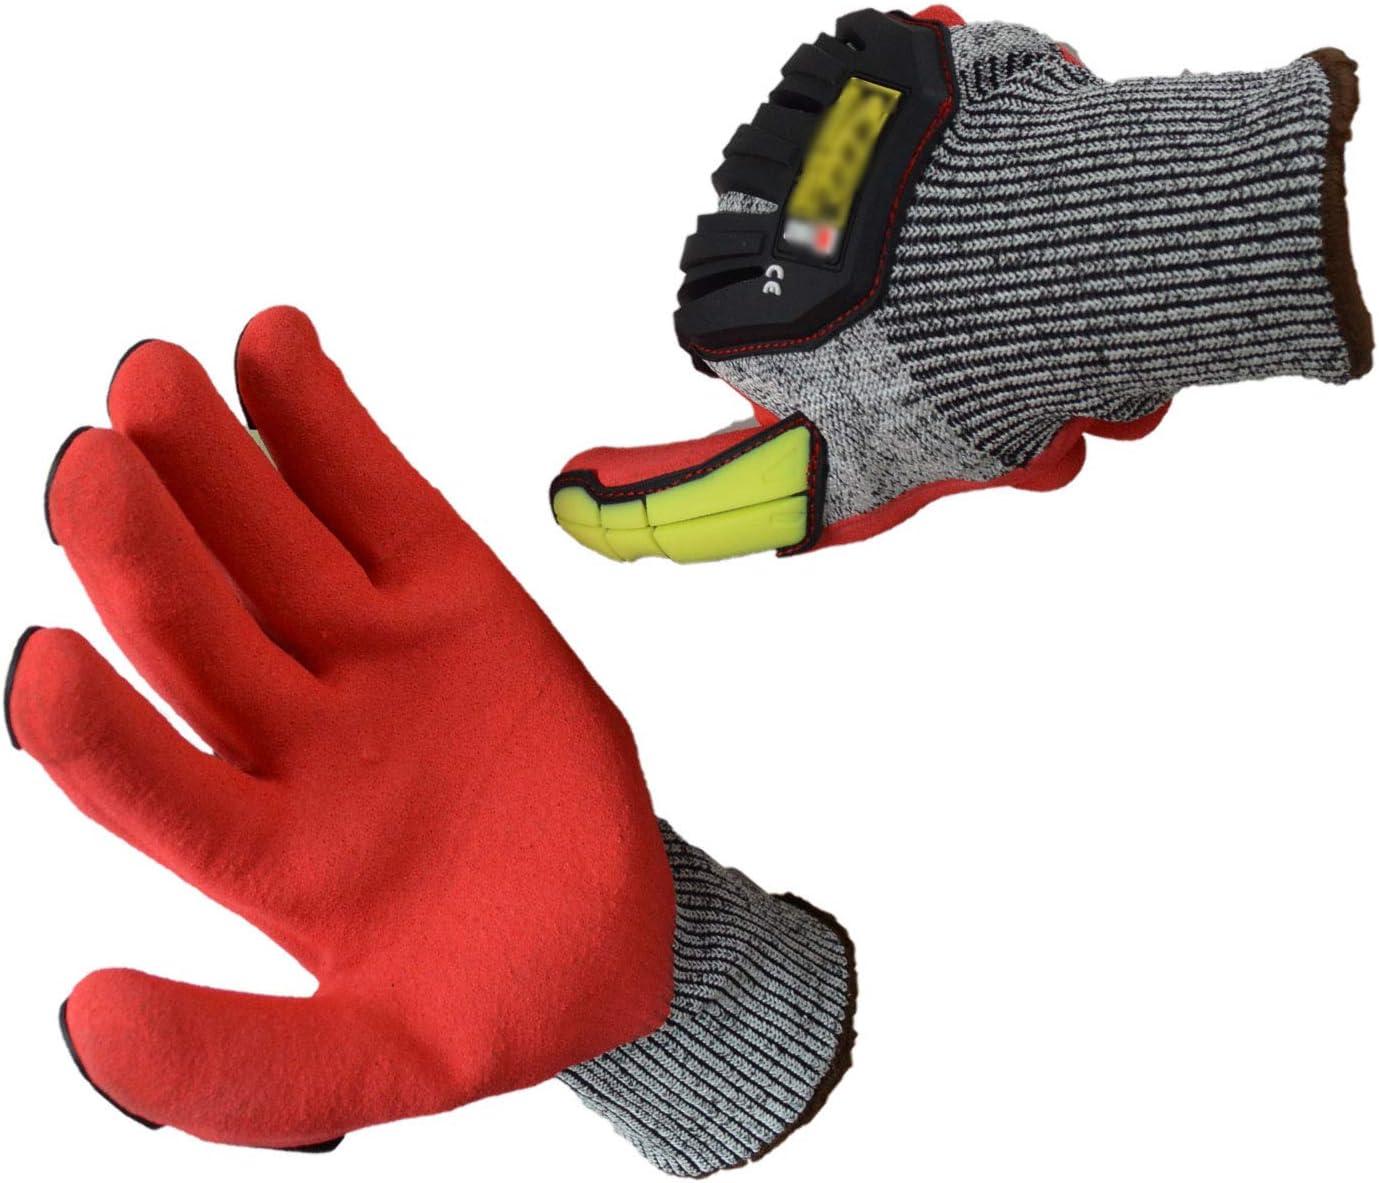 H/&Y Schnittfeste Handschuhe Farbe Anti-Vibration Schlagfeste Verschlei/ßfeste Mechanische Arbeitshandschuhe Professioneller Schutz und Haltbarkeit EN388 Level 5 Schutz